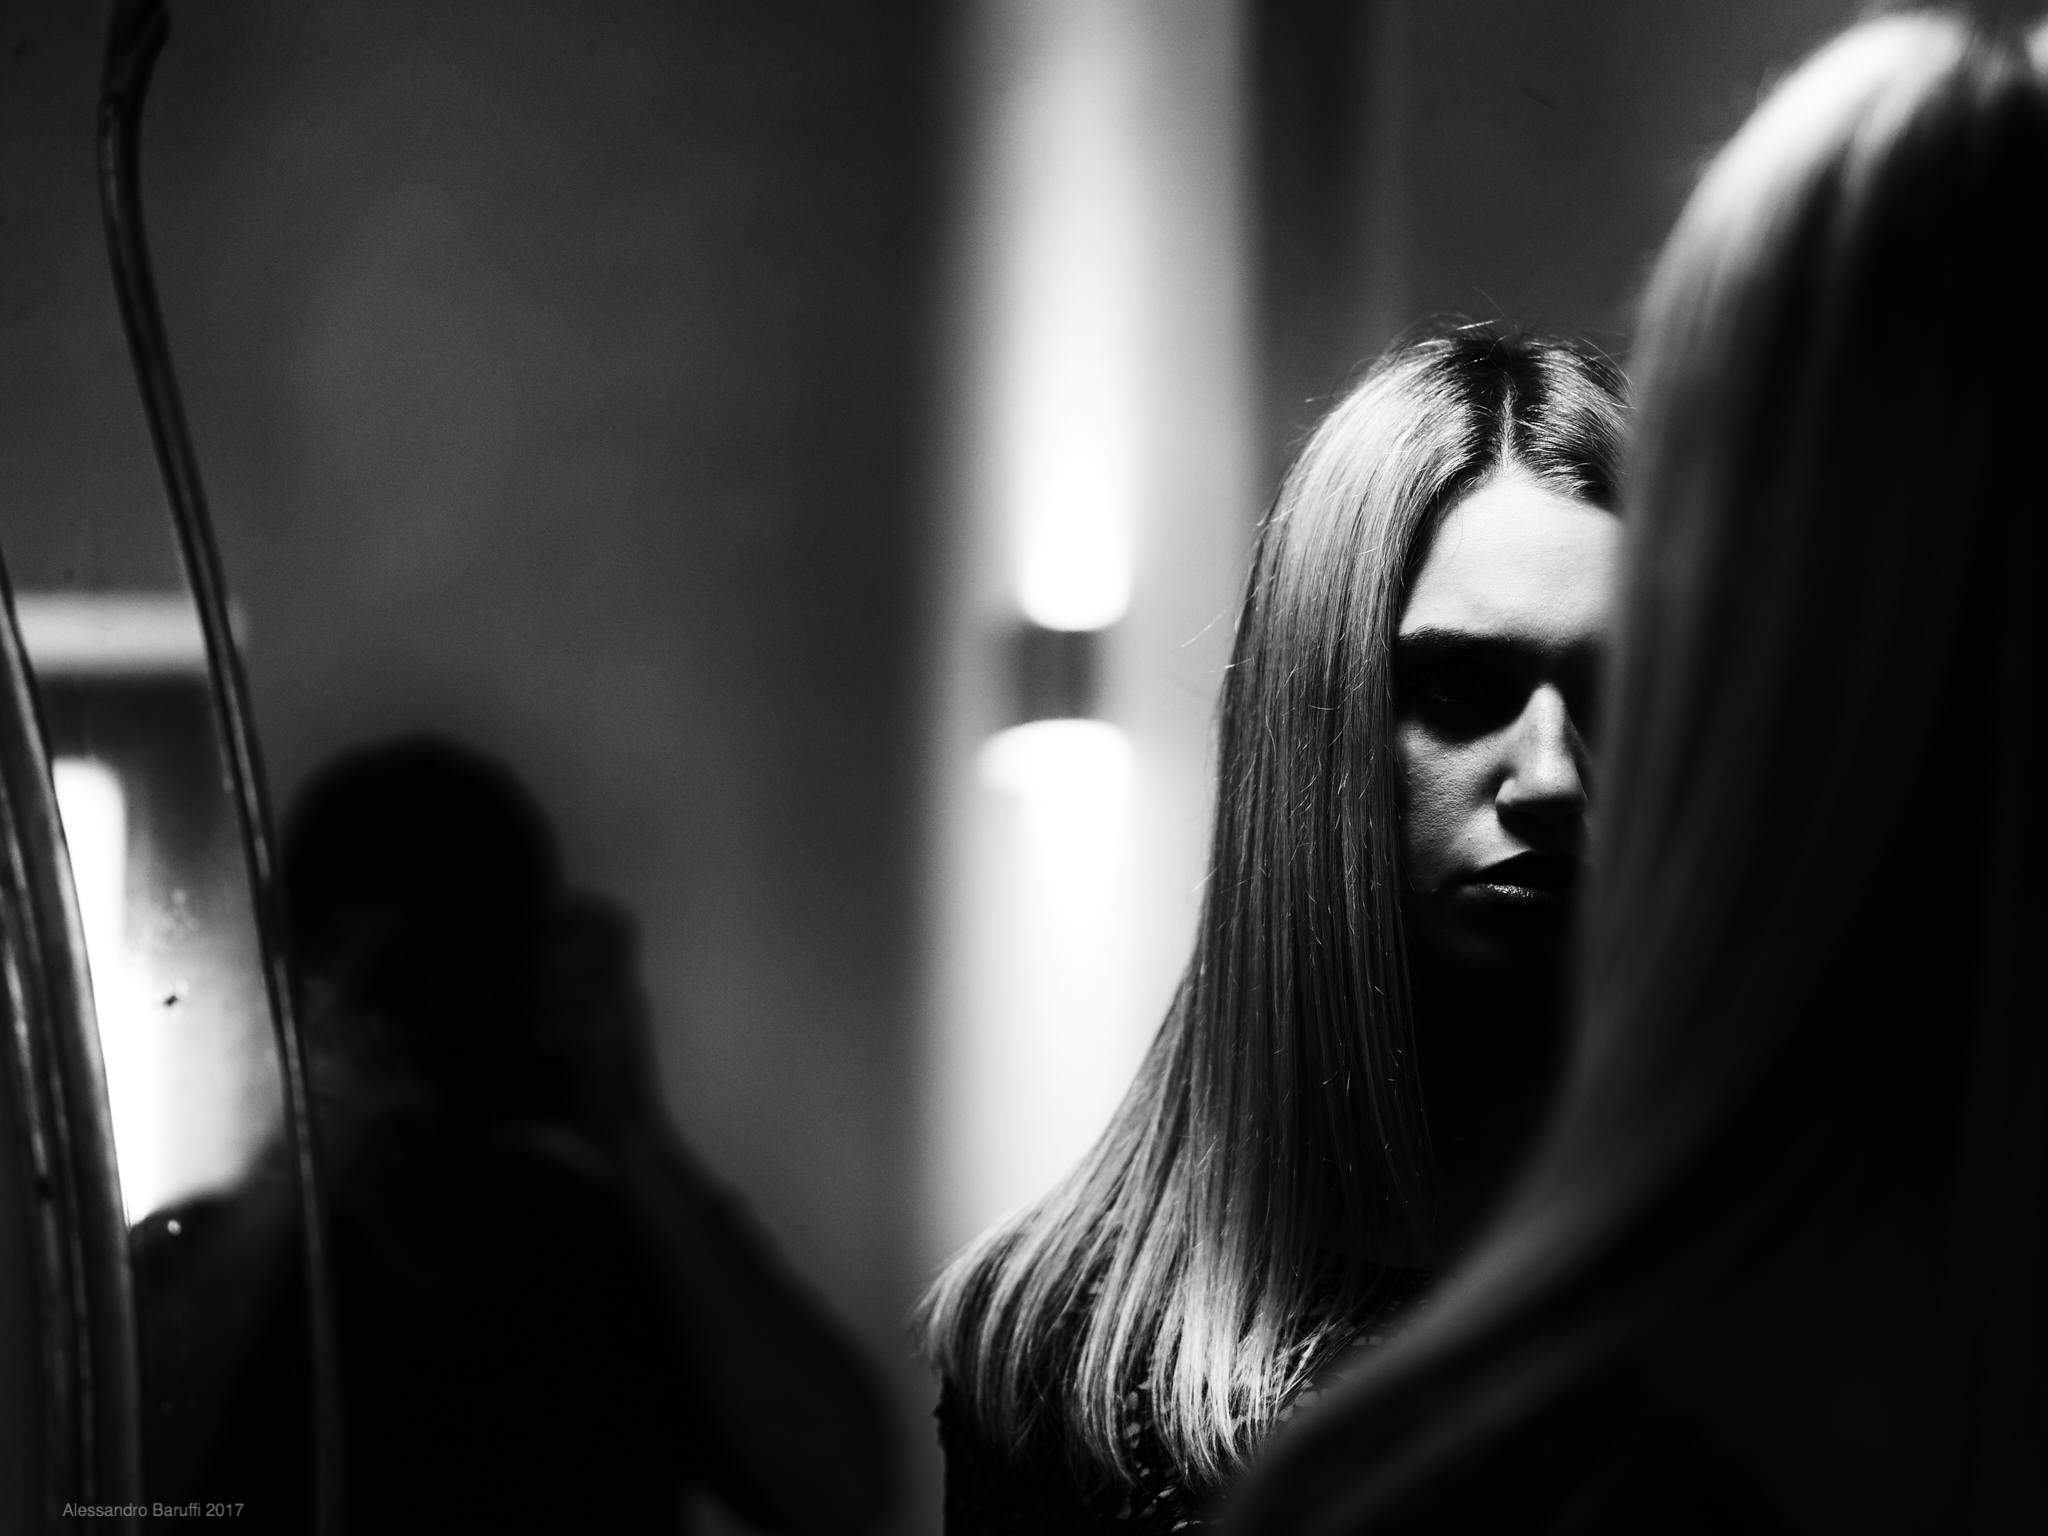 Specchio d' inquietudine...